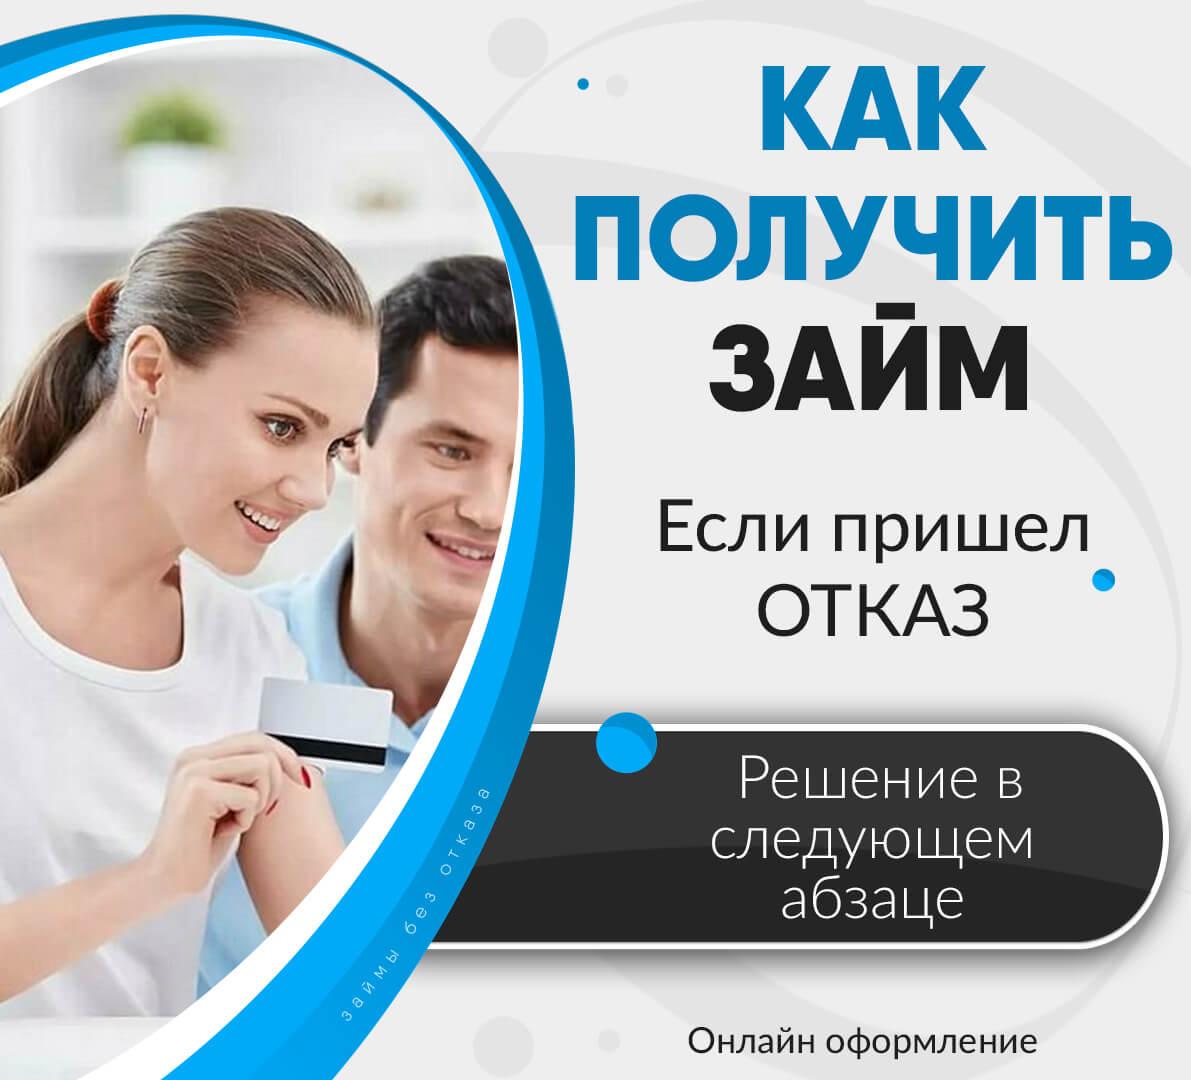 займы онлайн без отказа новосибирск